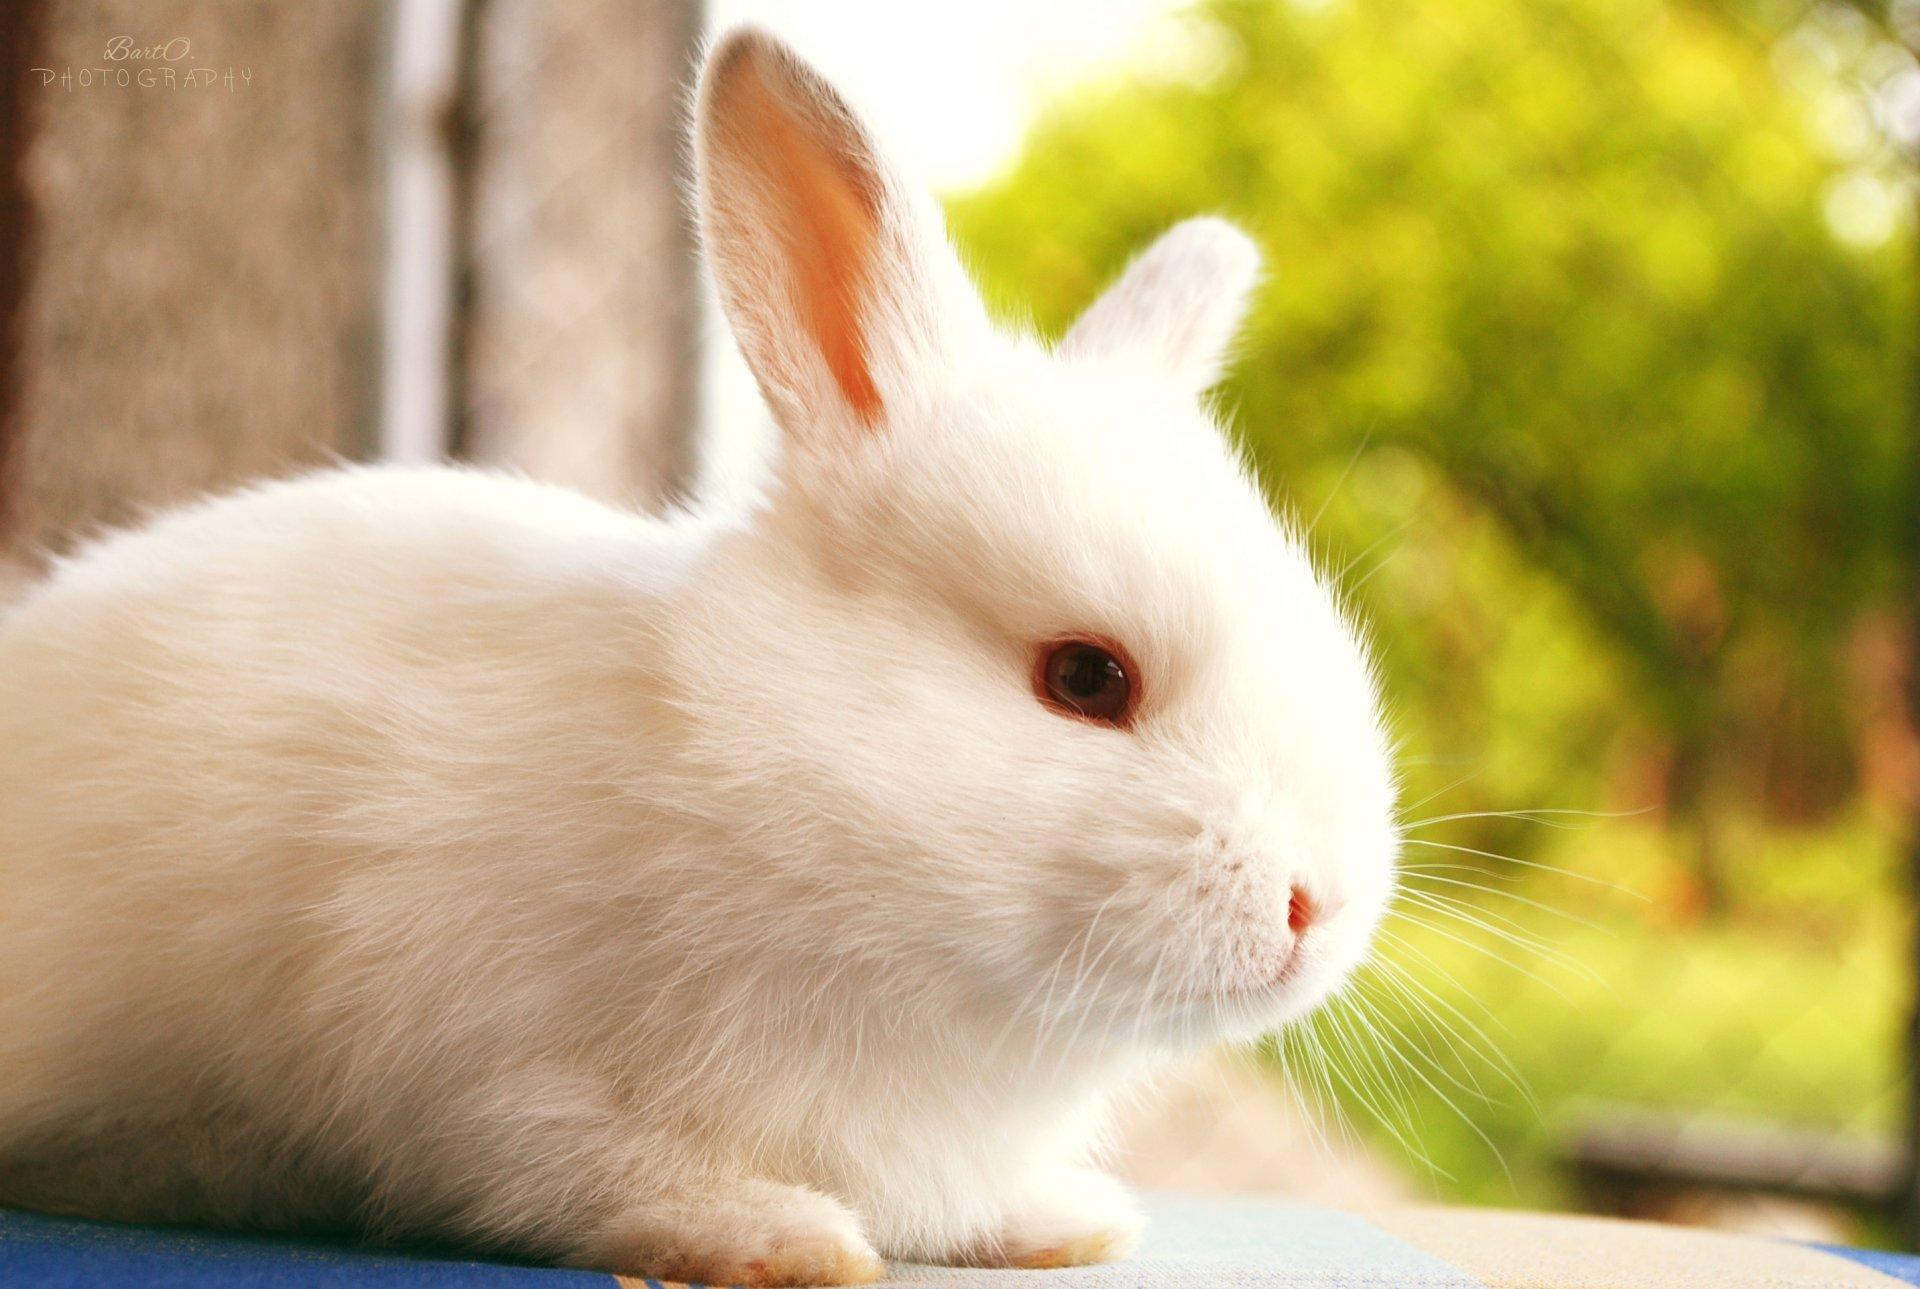 Детьми винтажные, картинки с кроликами фото